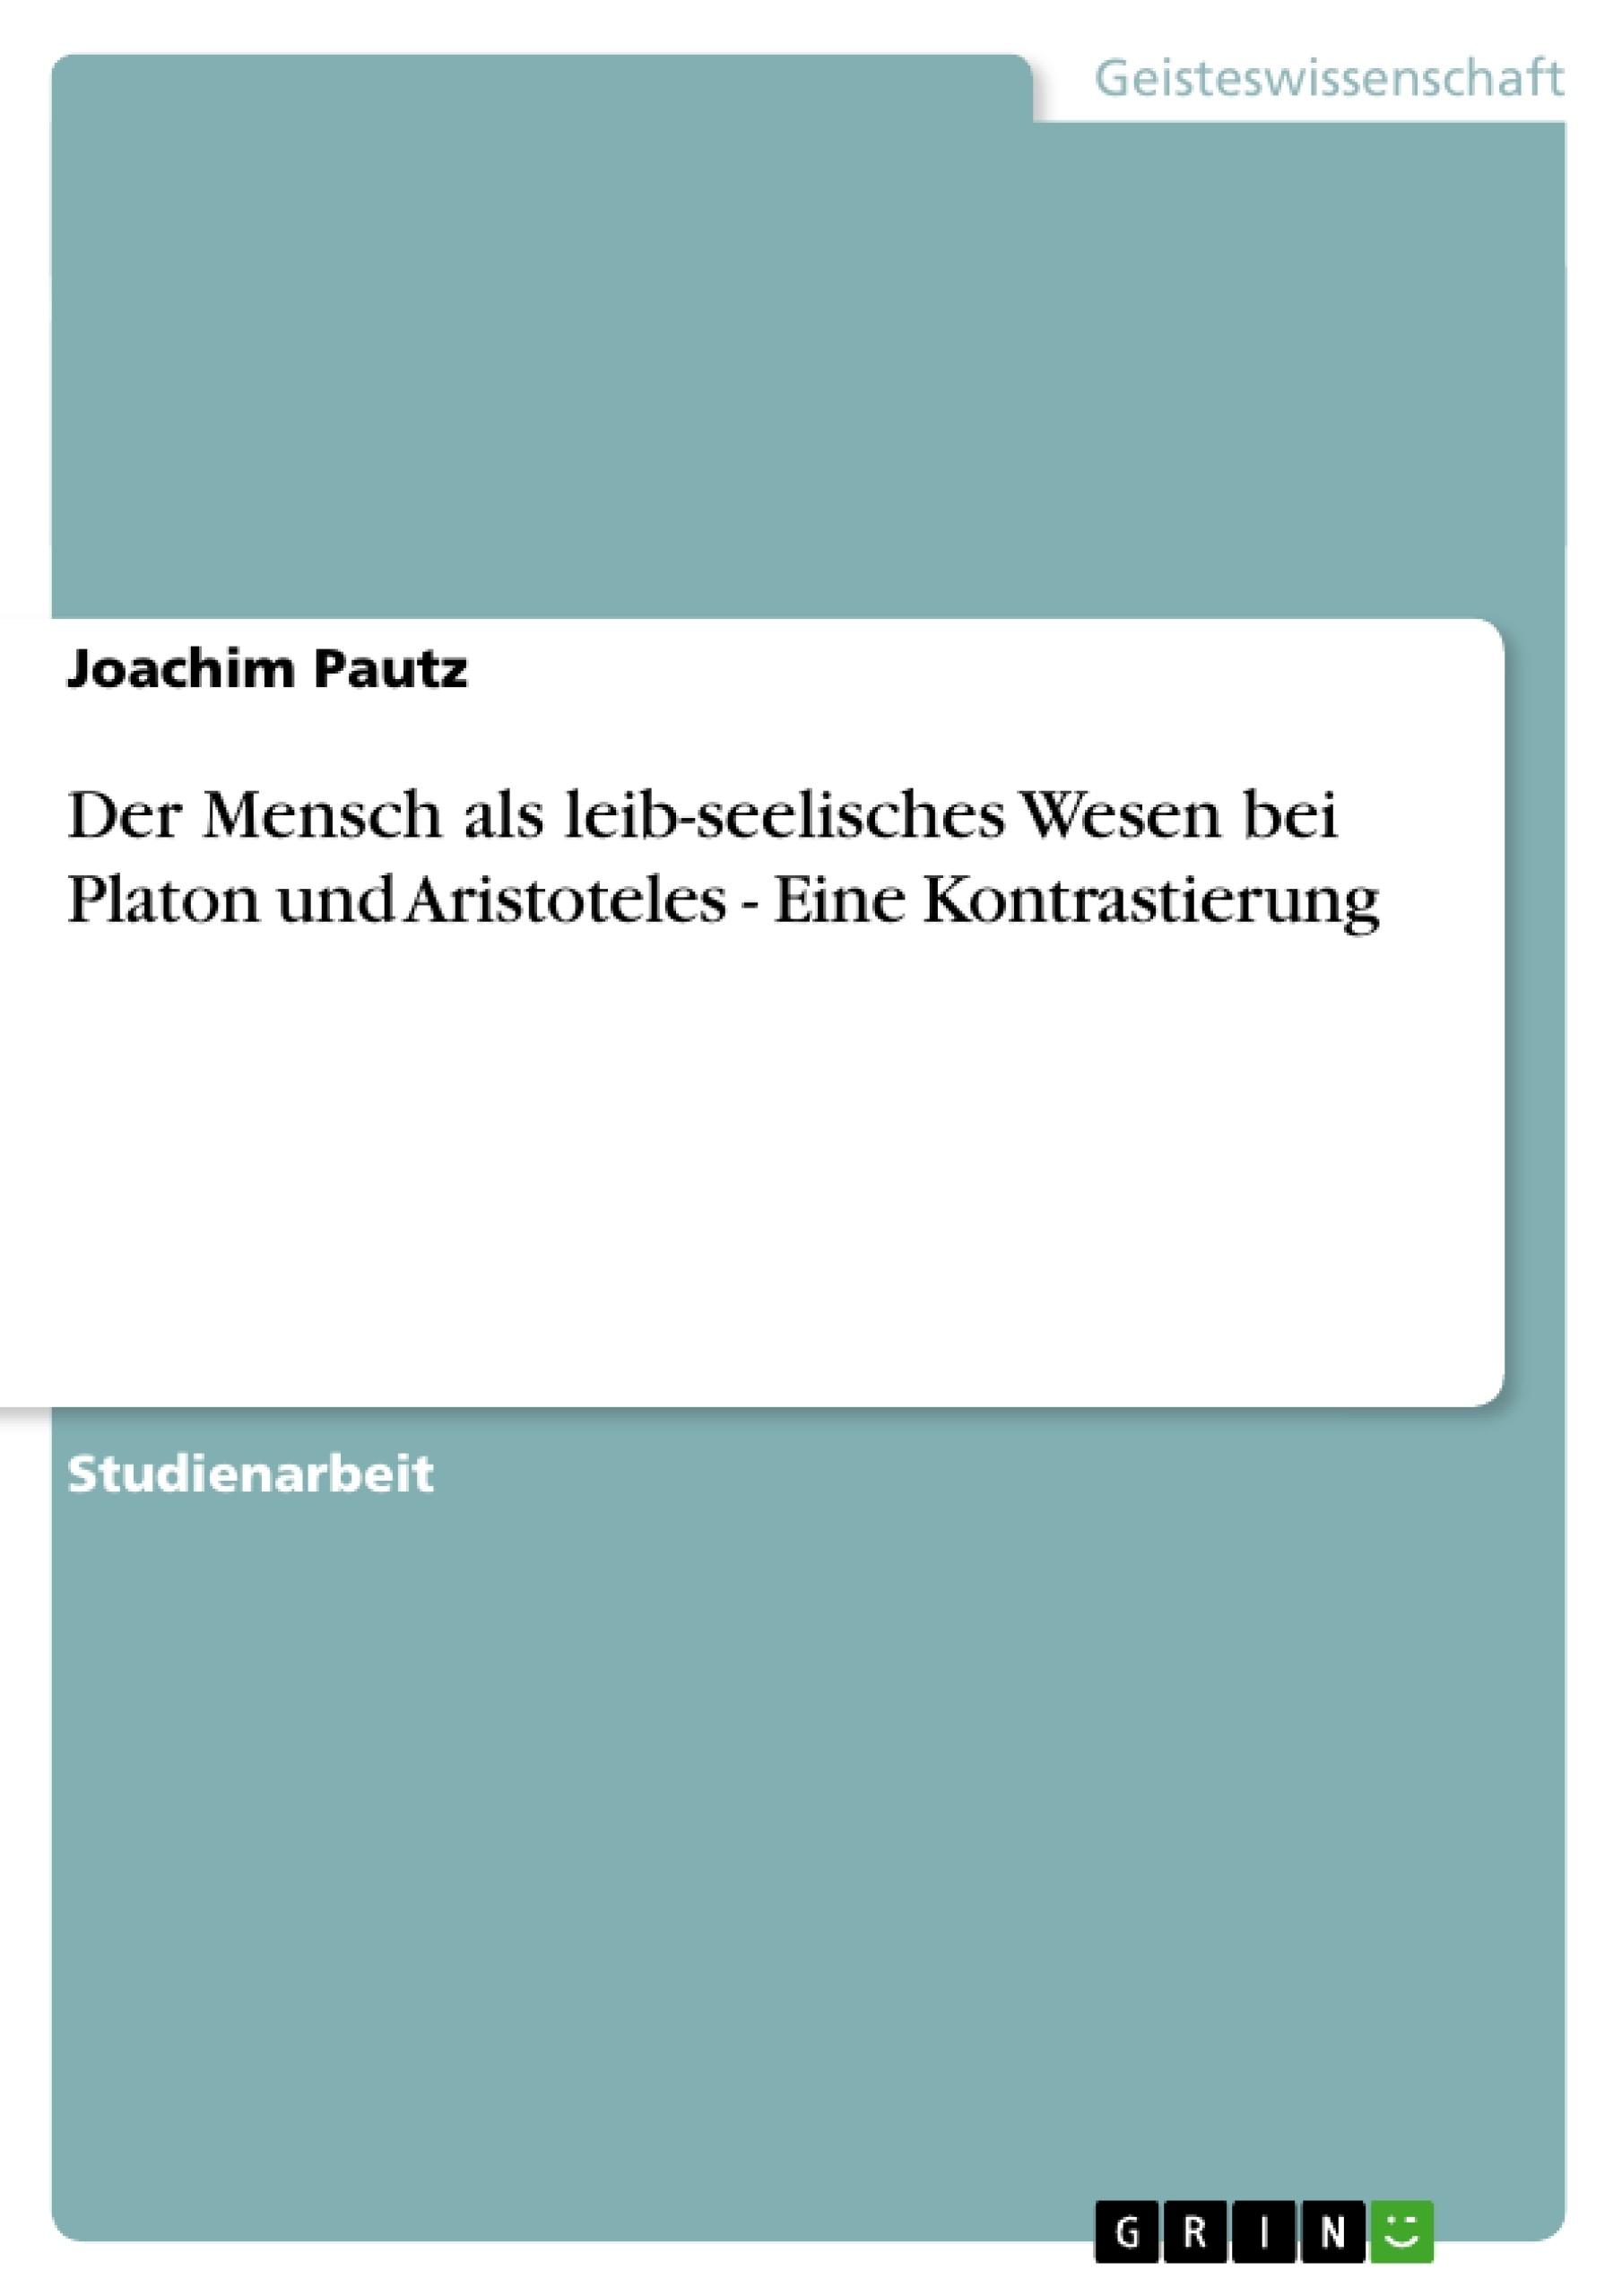 Titel: Der Mensch als leib-seelisches Wesen bei Platon und Aristoteles - Eine Kontrastierung